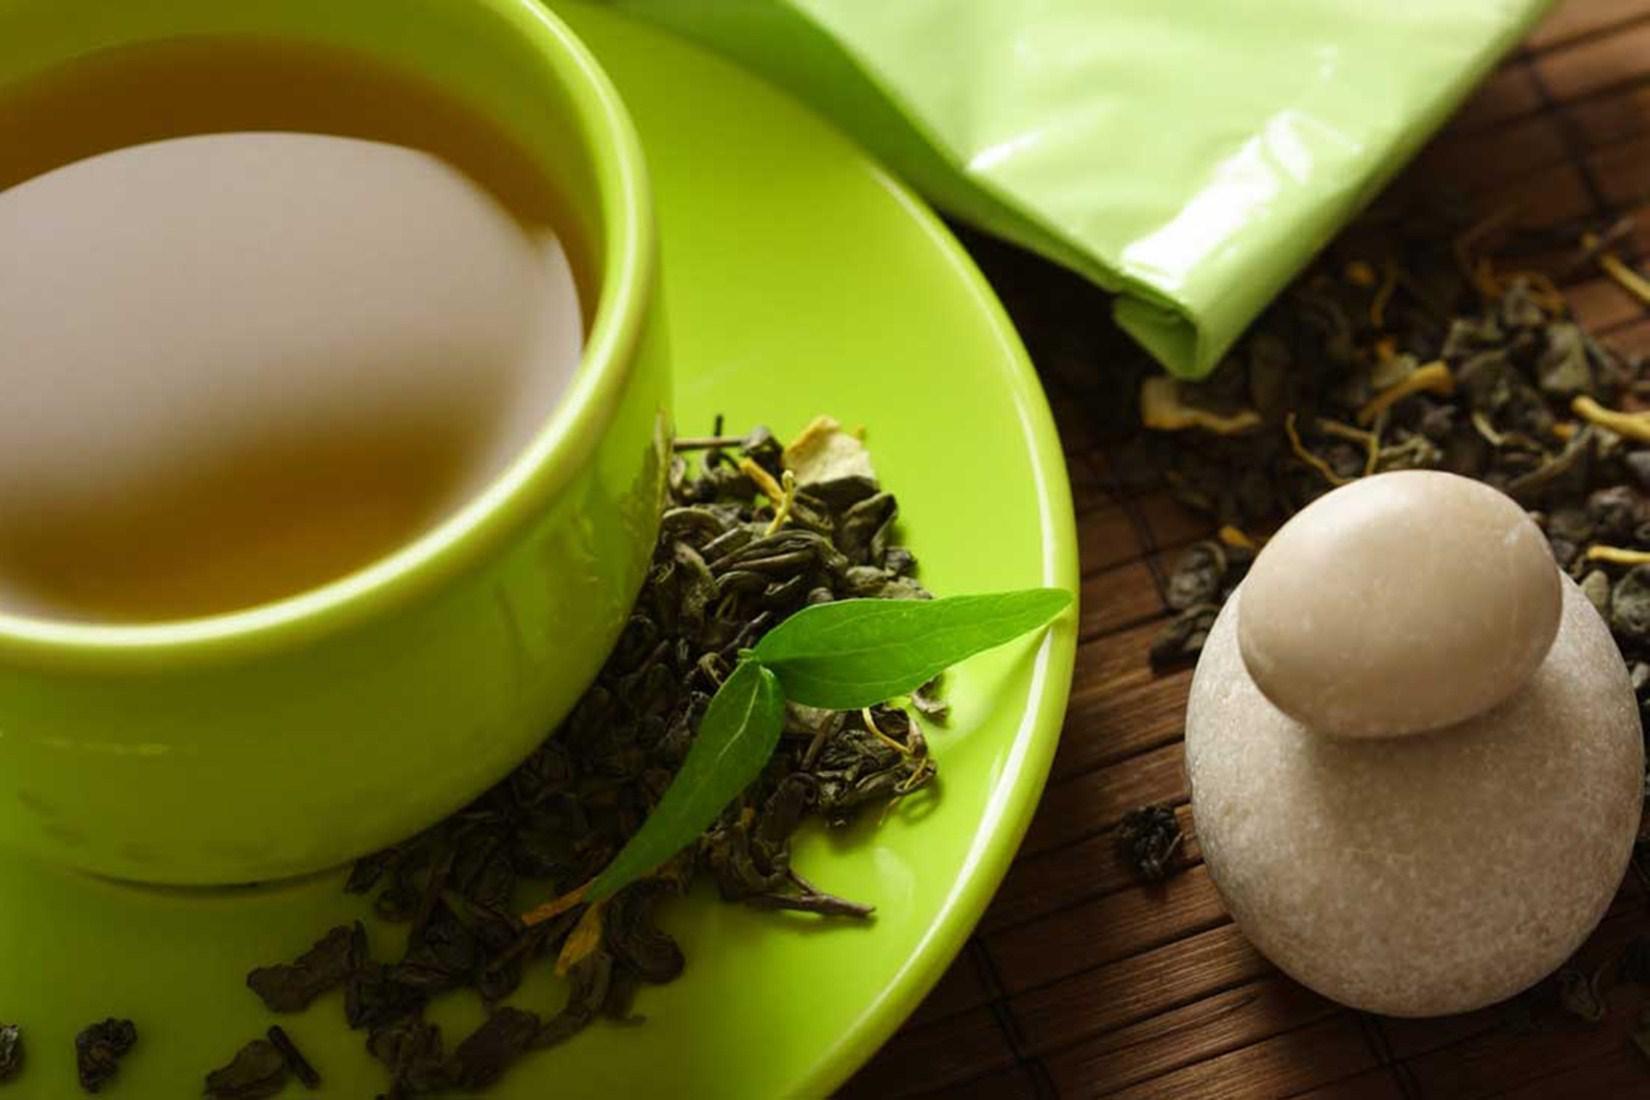 cup-of-green-tea-hd.jpg